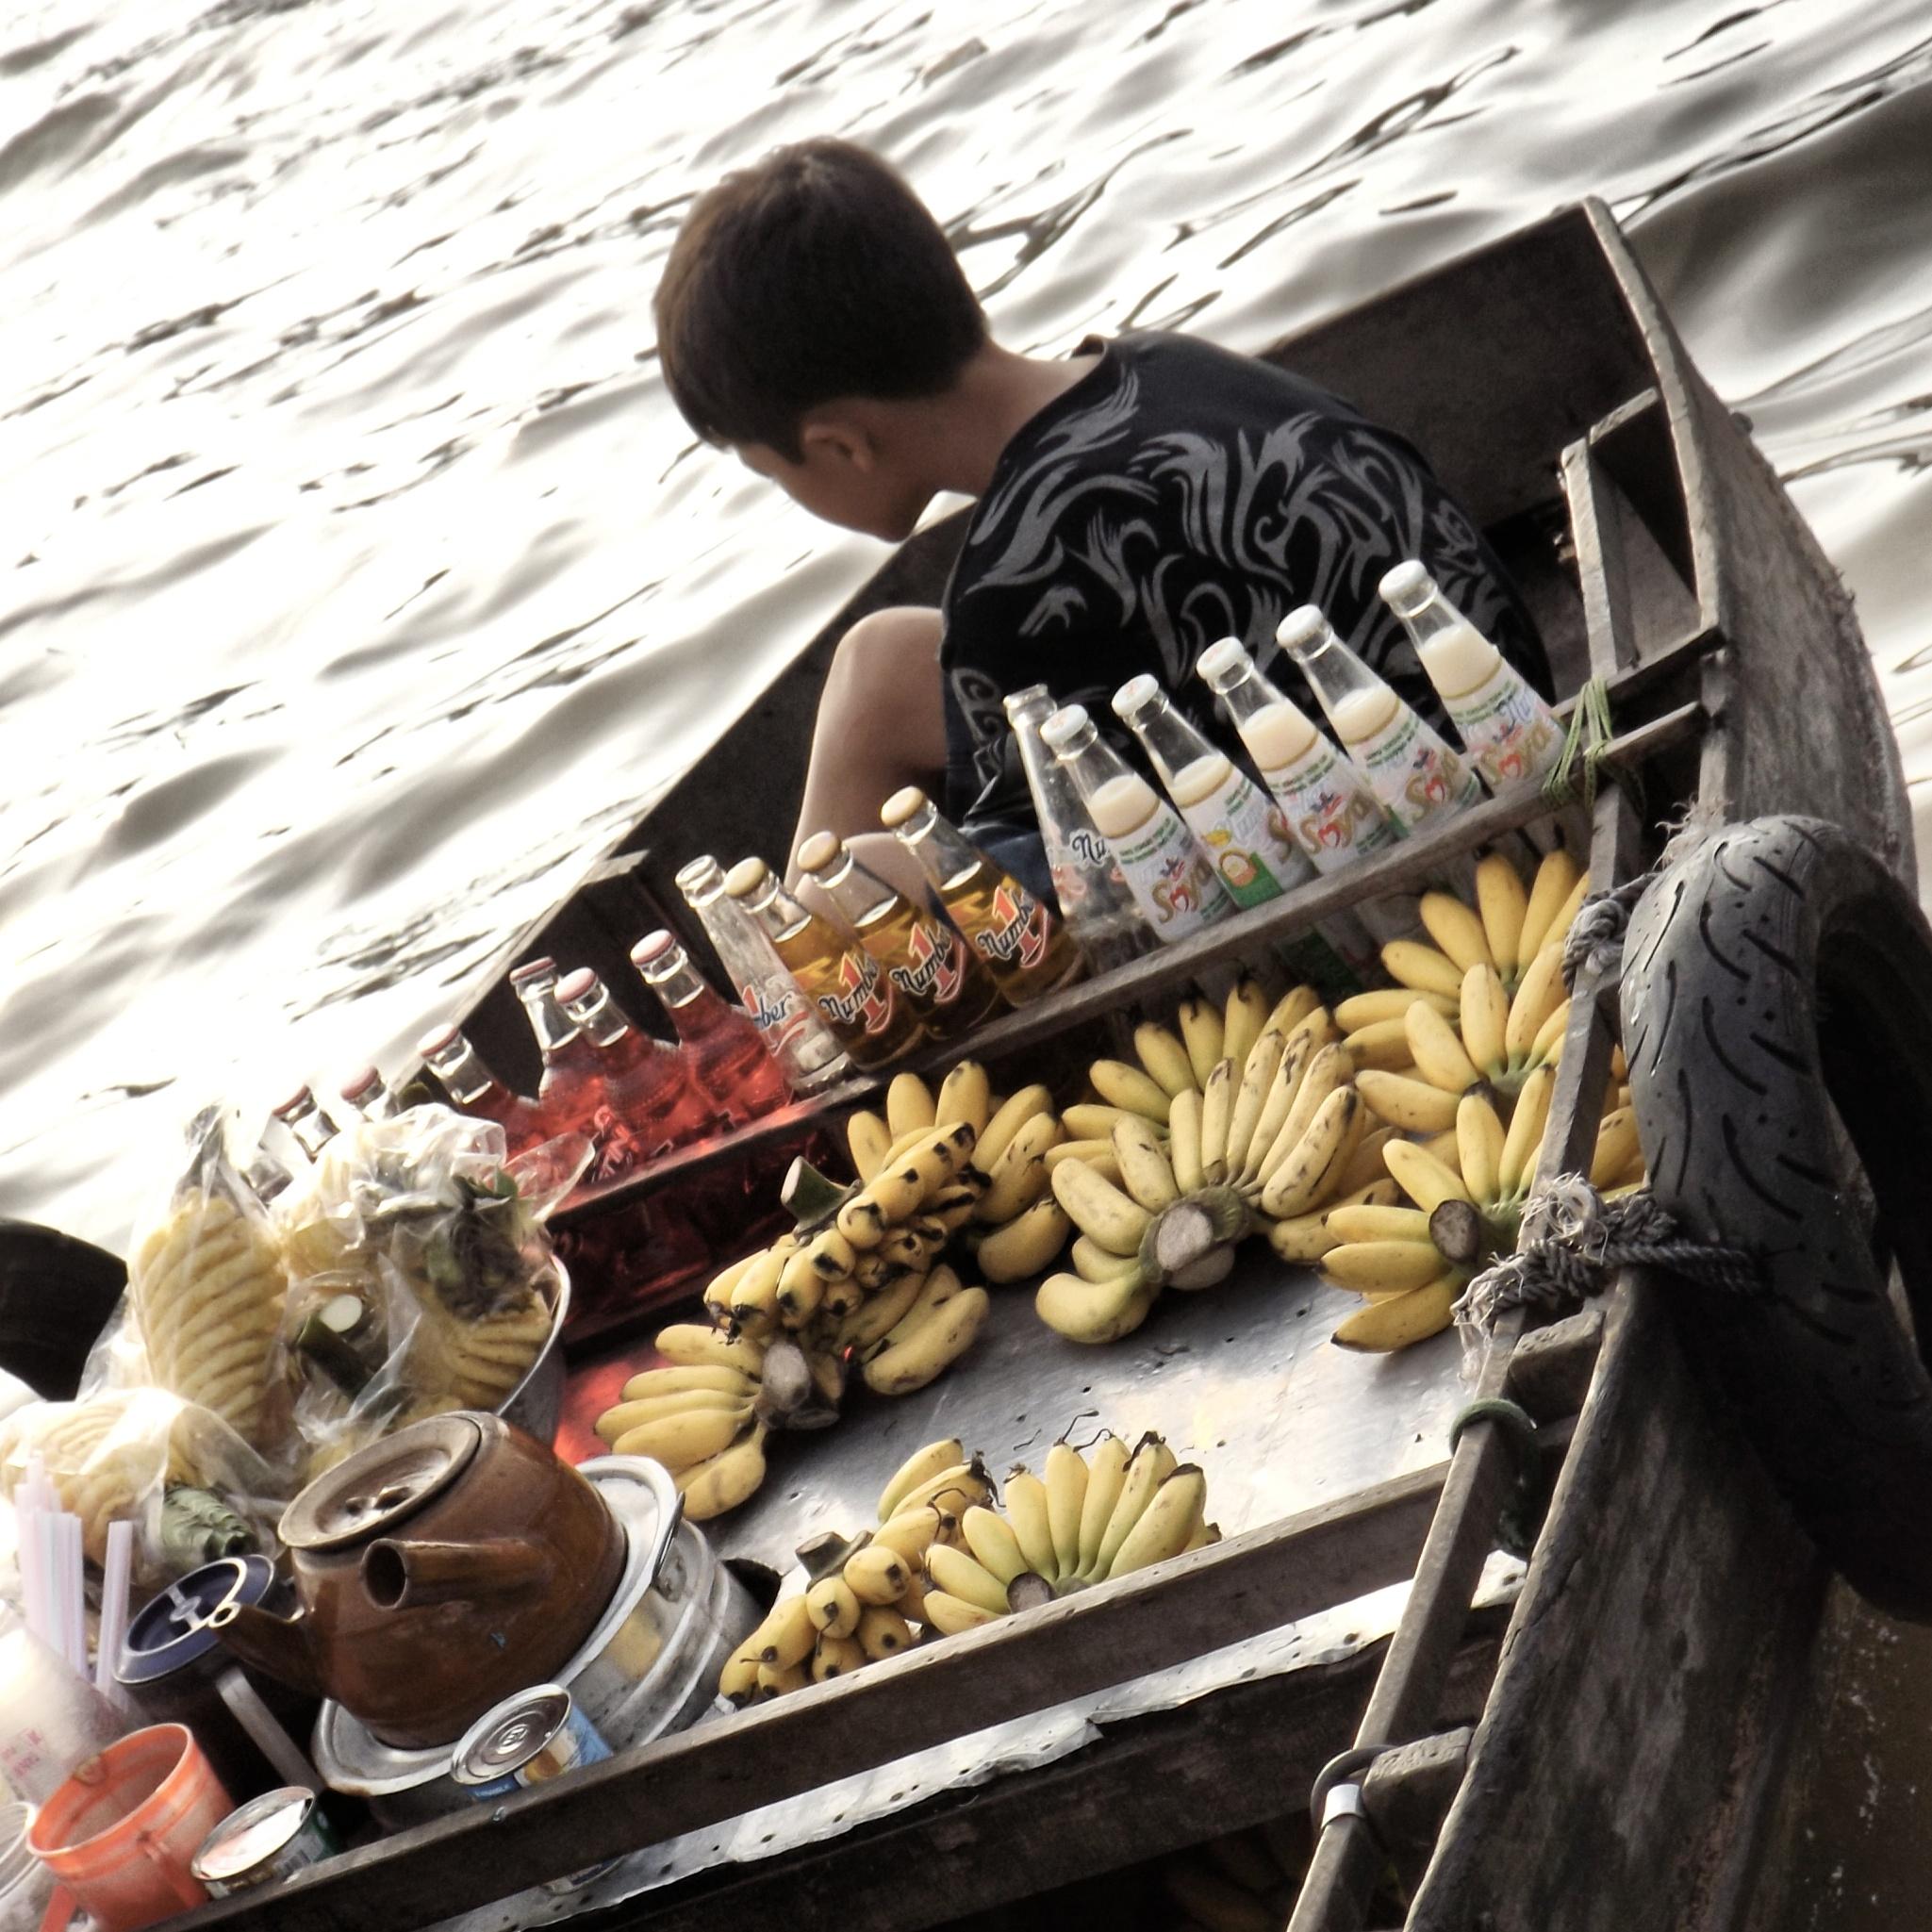 Mekong market, Vietnam